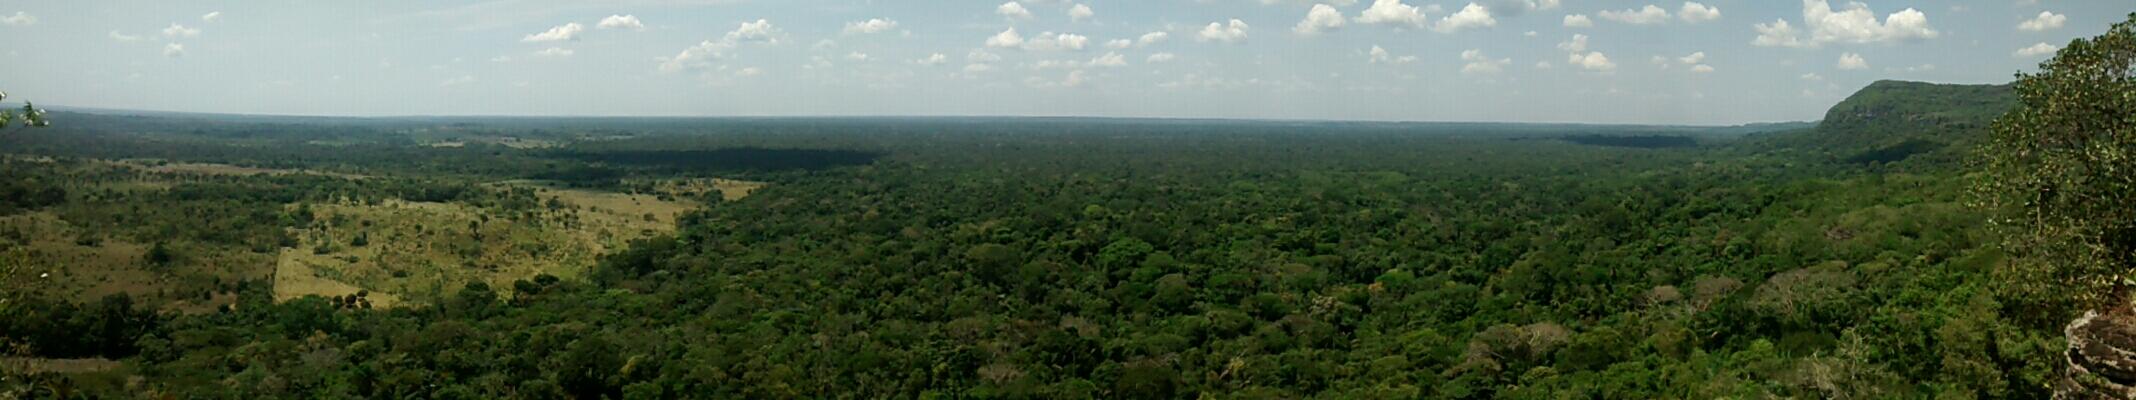 The view from Cerro Azul, Guaviare, Colombia ...